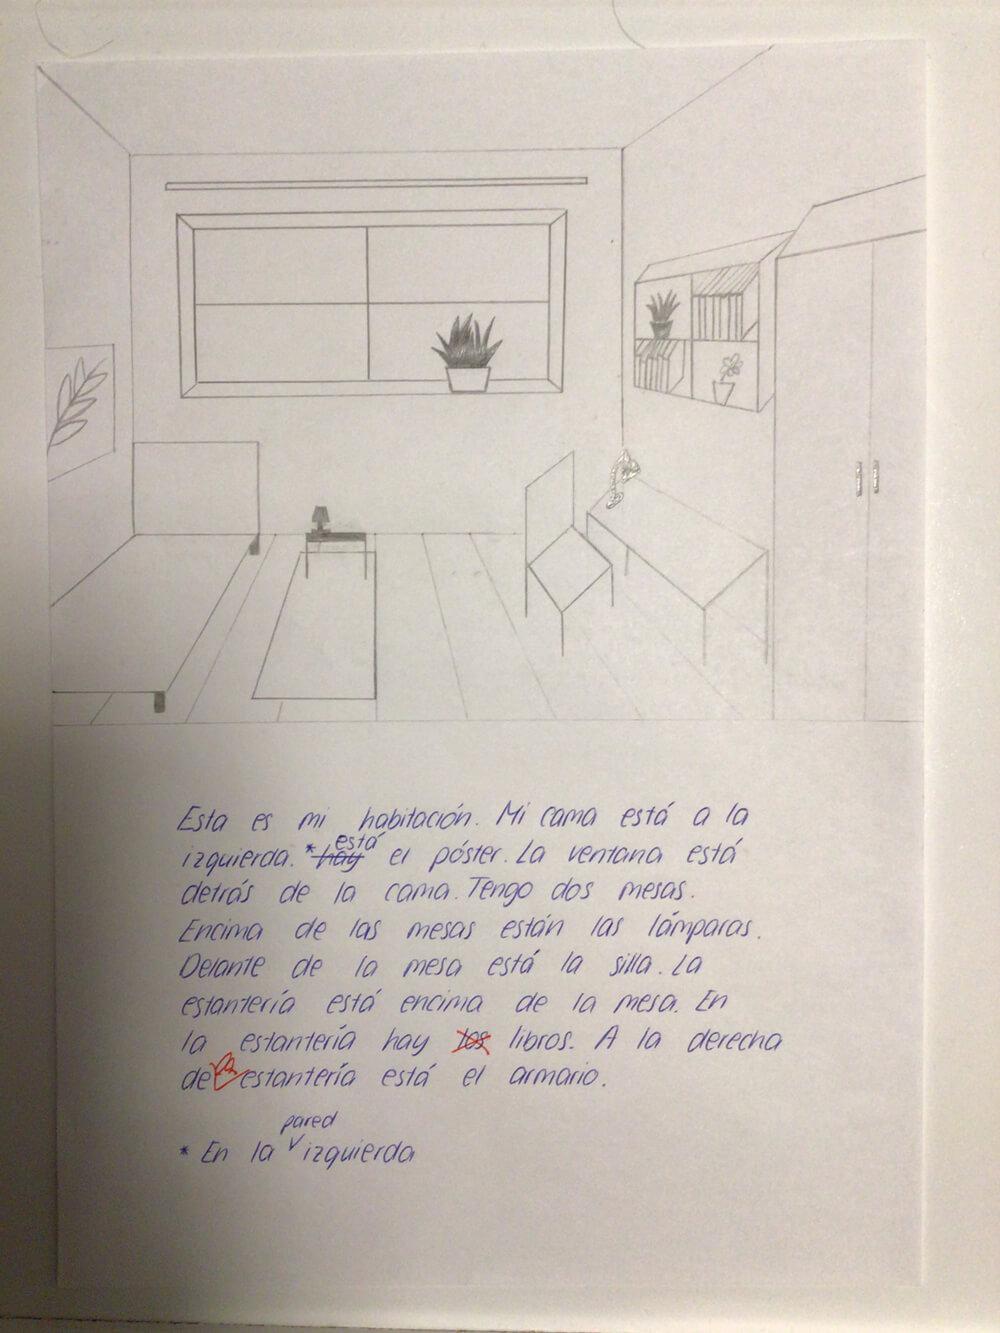 1Mi-habitacion-2.jpg?auto=compress,format&colorquant=1600